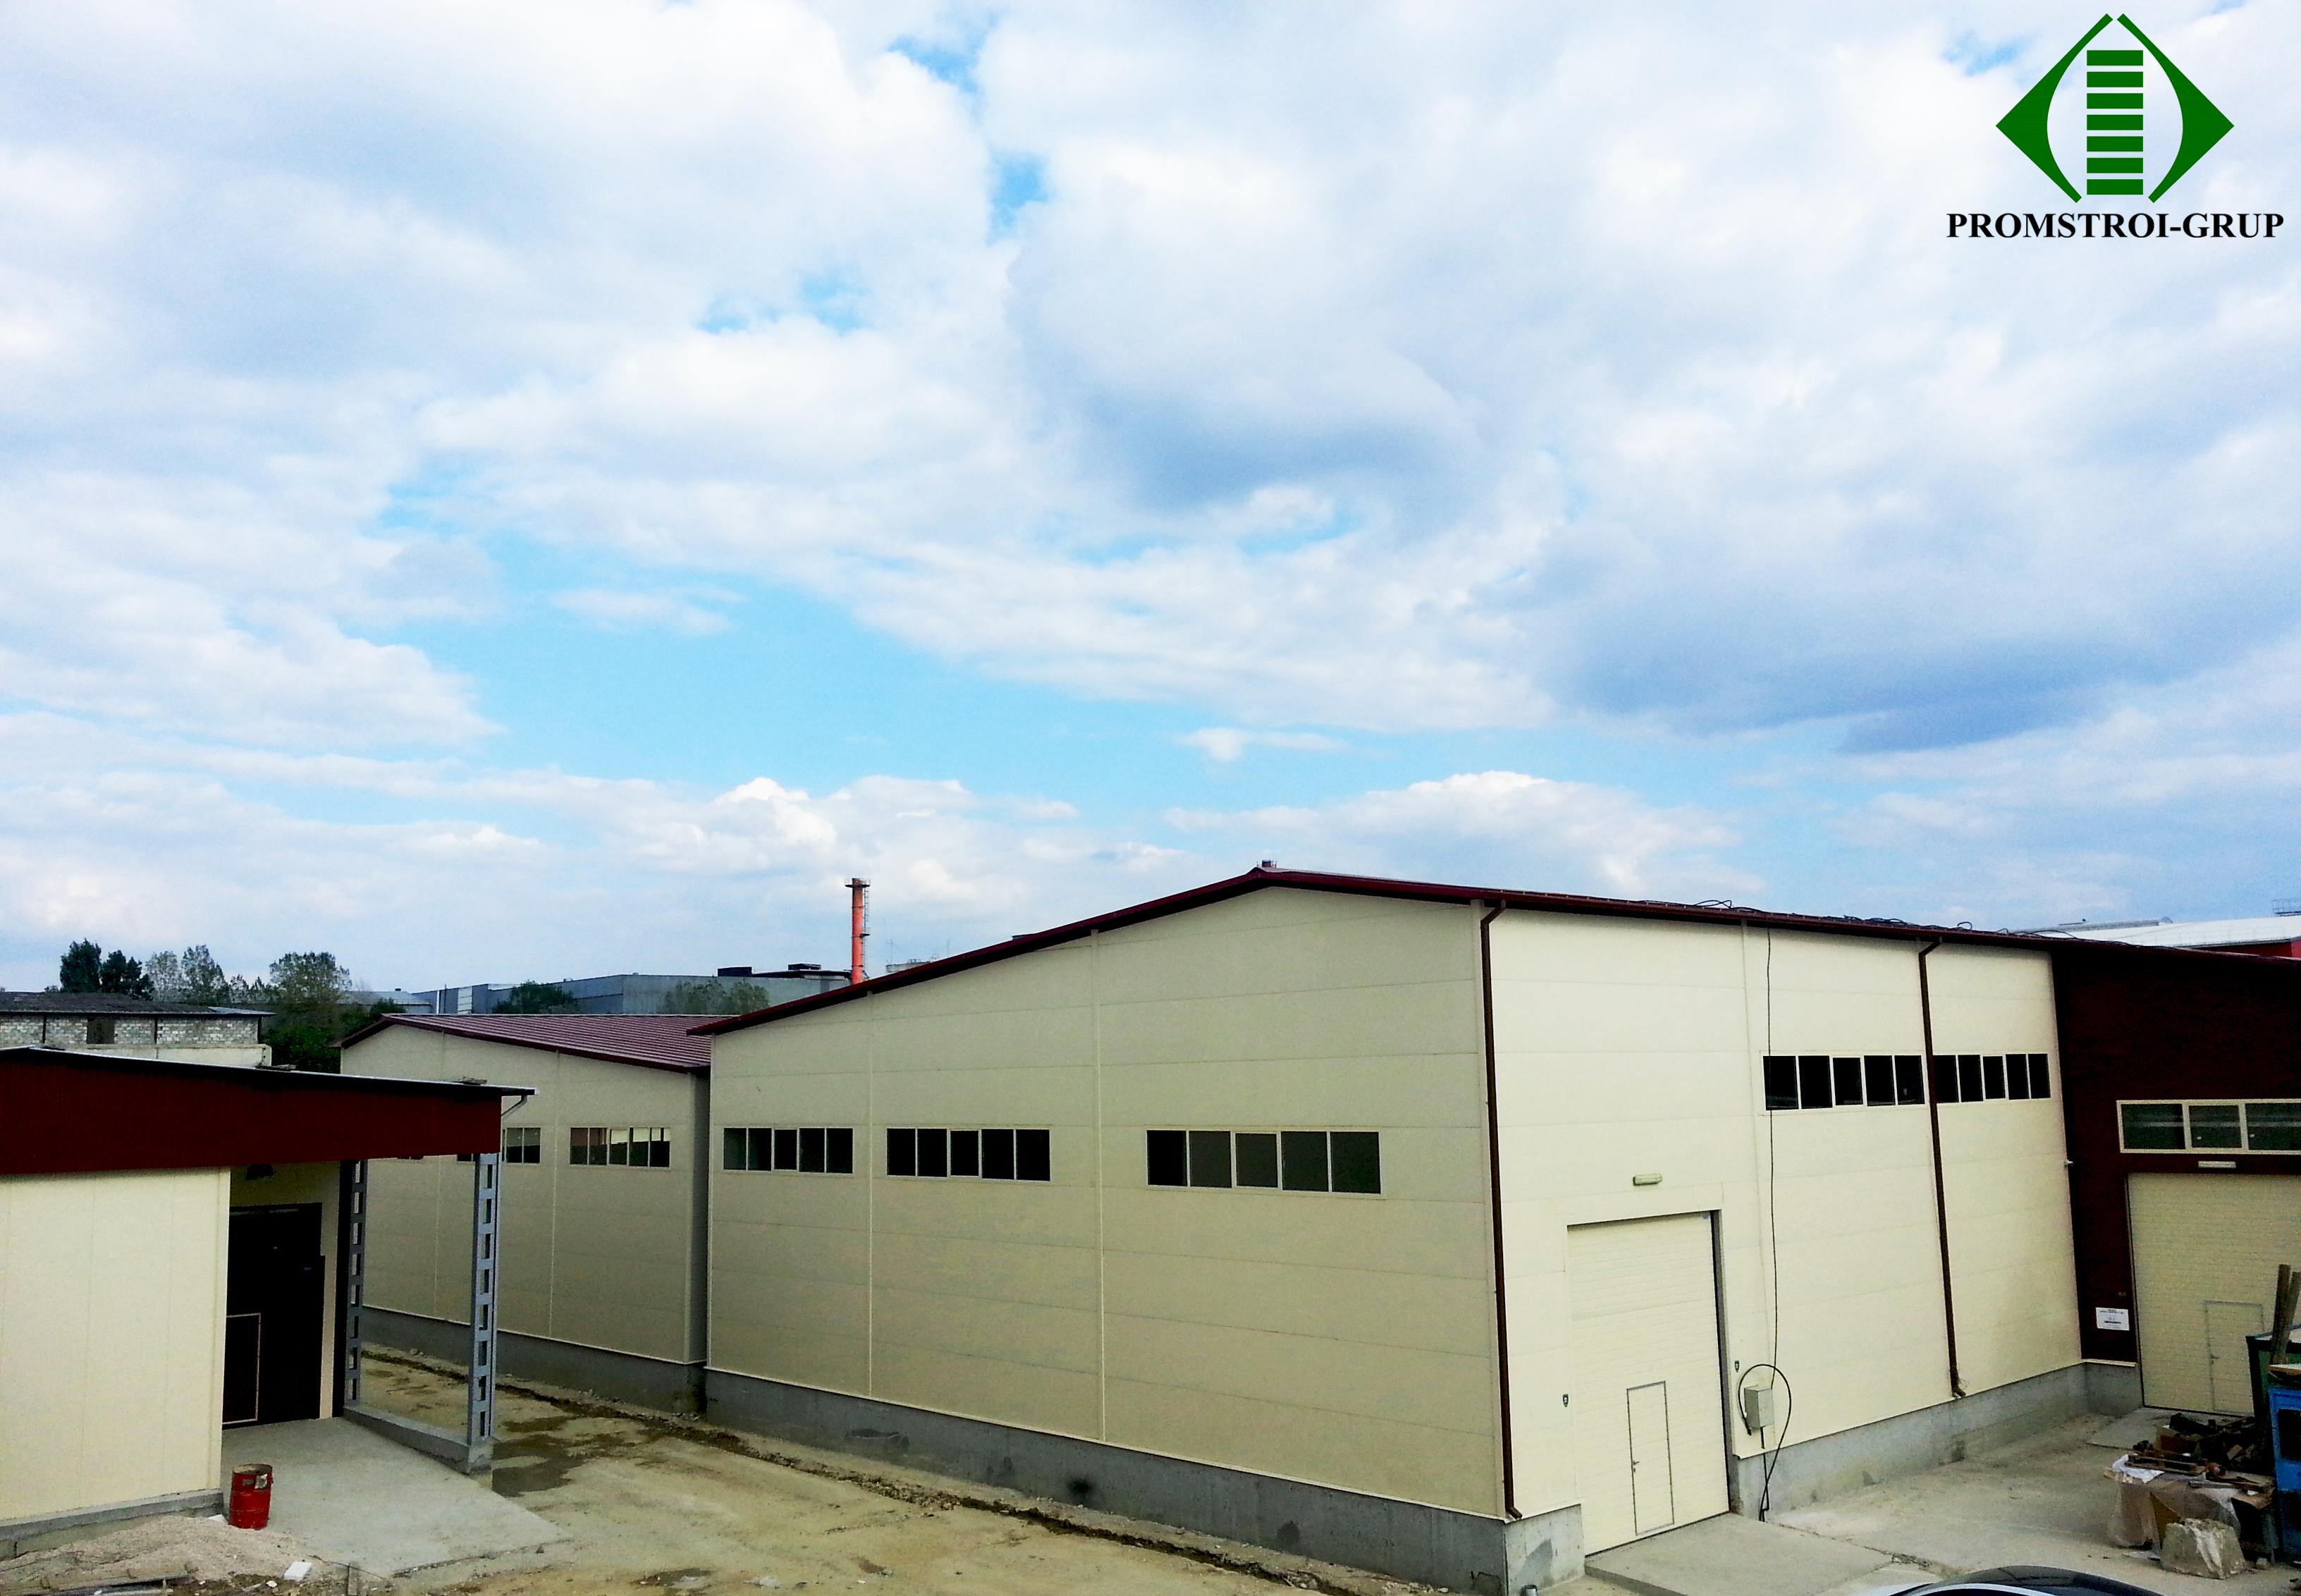 Складской центр по ул. Индустриальная 59. Проектирование, строительство, сдача в